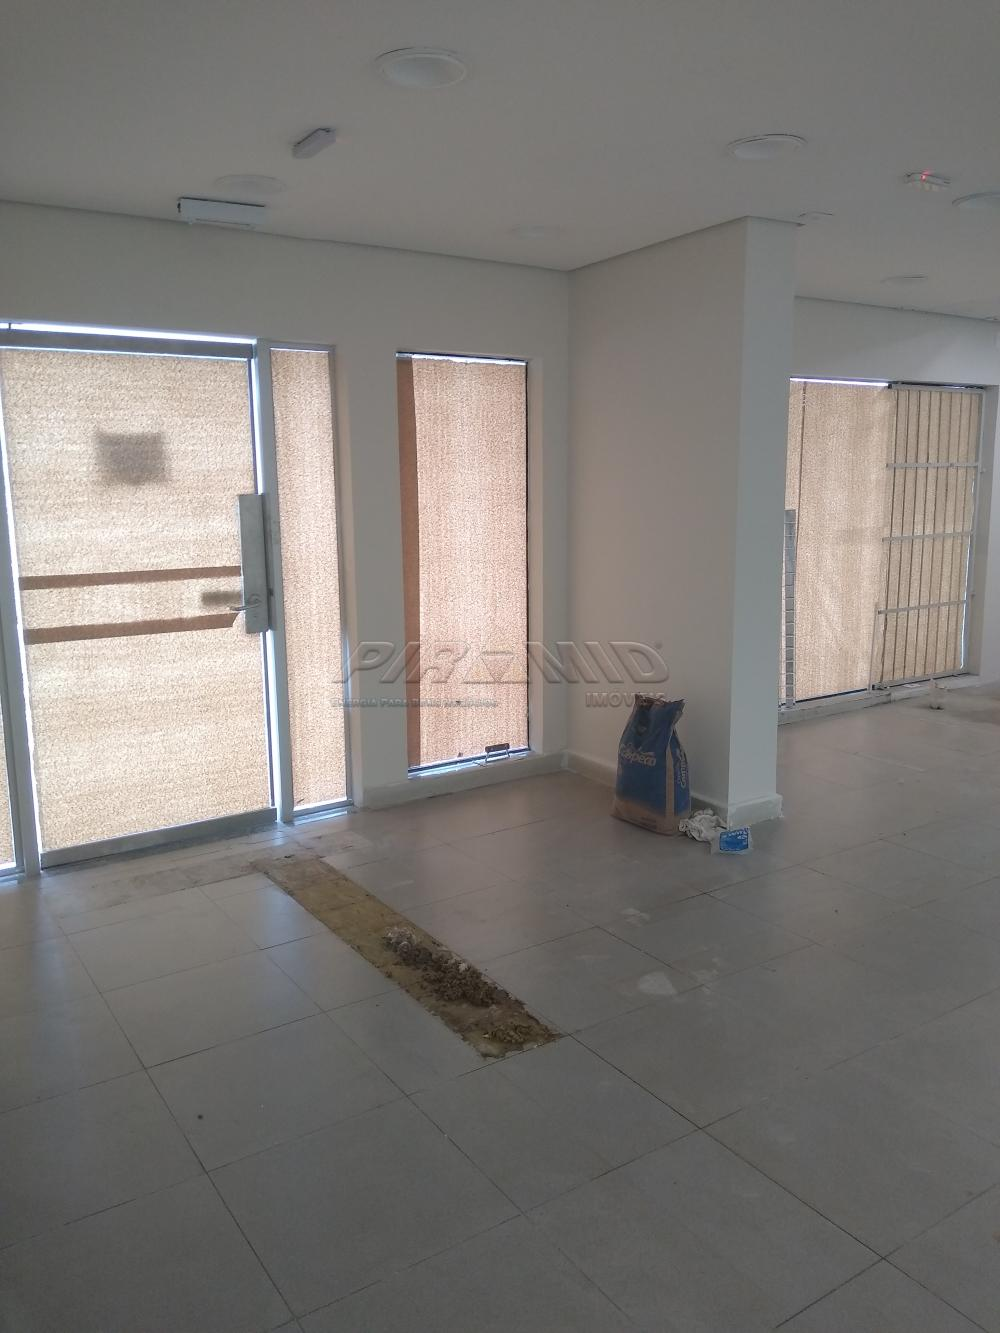 Alugar Comercial / Prédio em Ribeirão Preto apenas R$ 16.000,00 - Foto 21